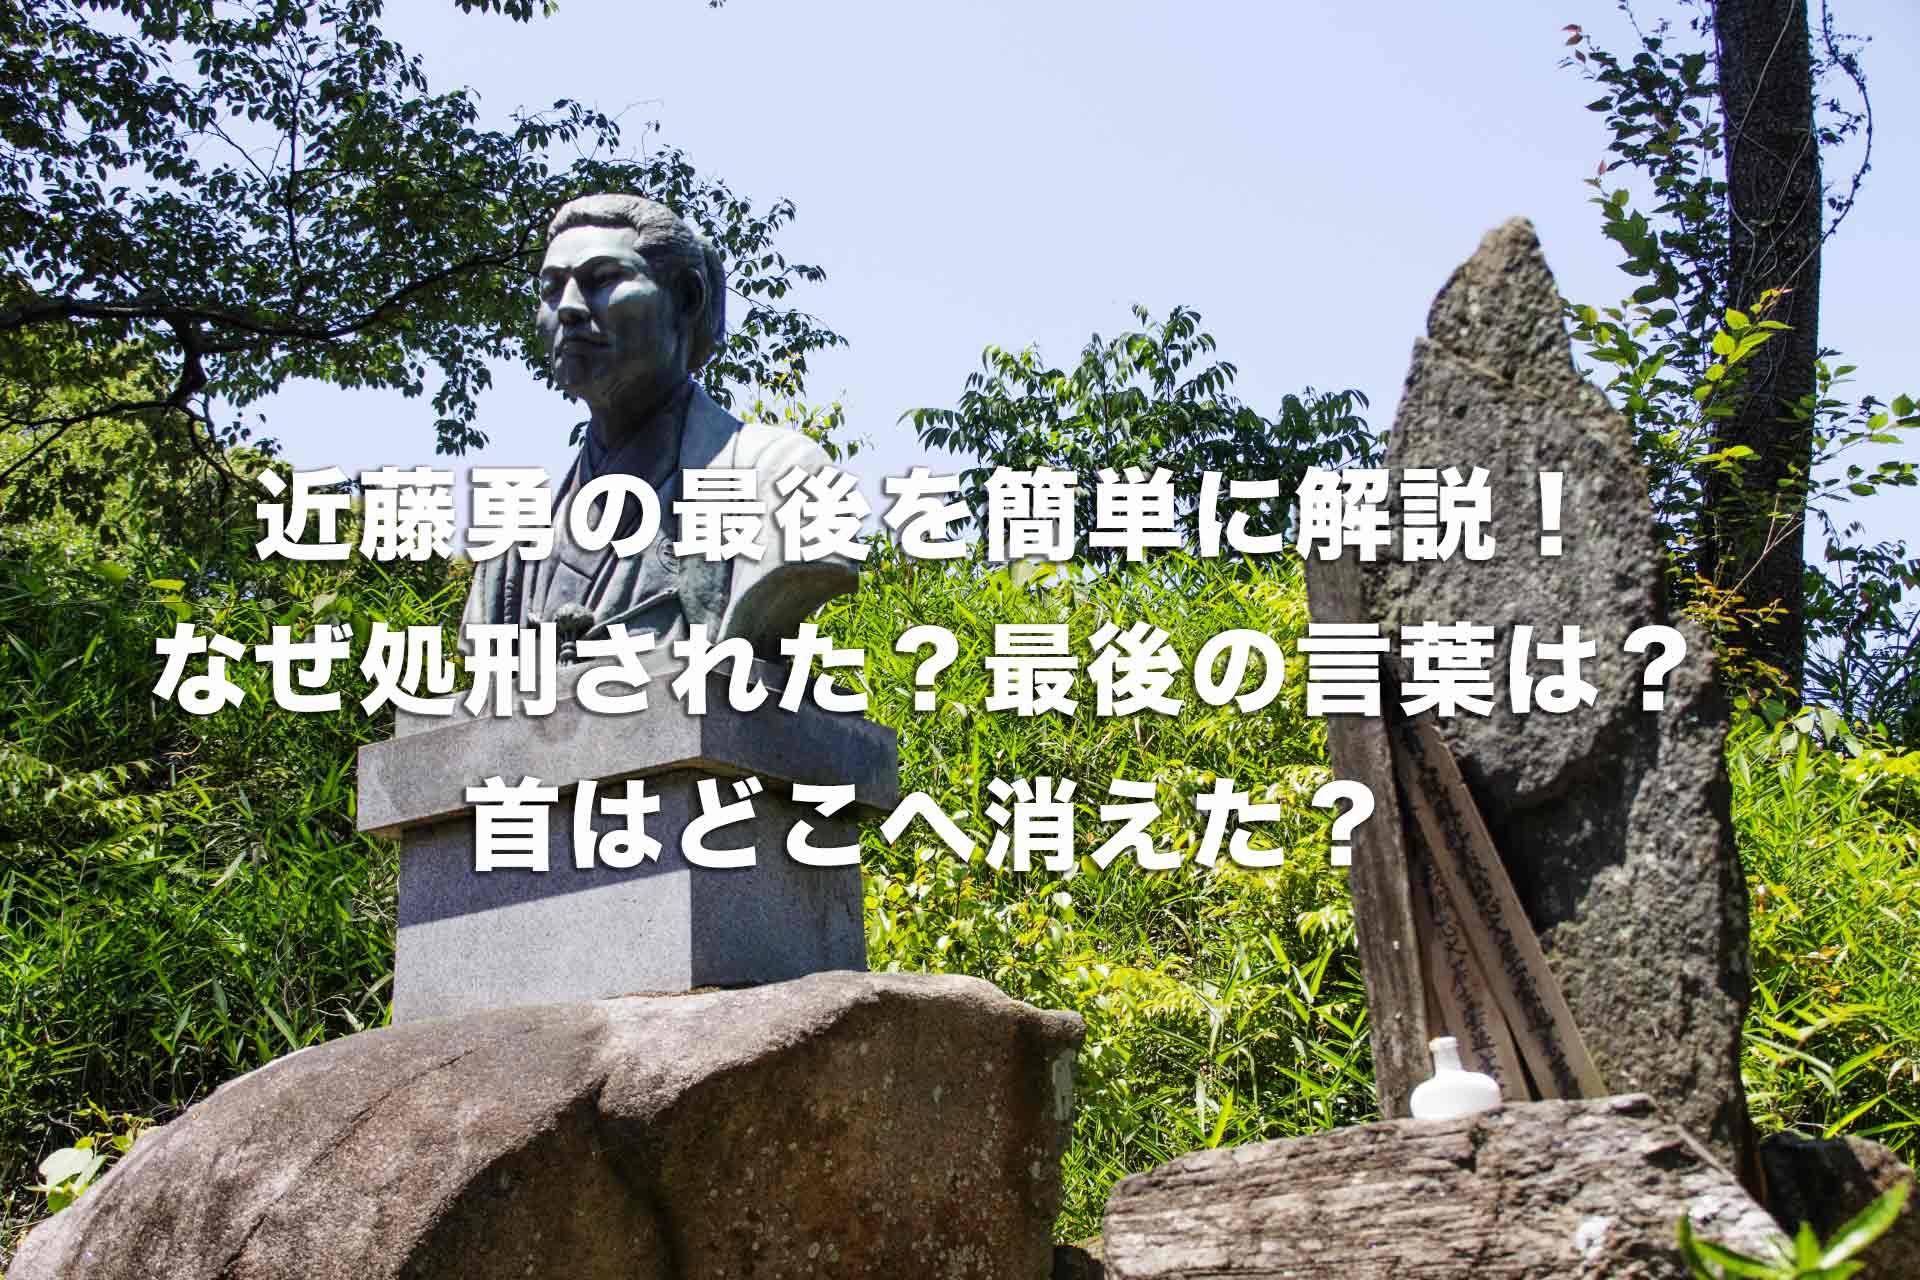 近藤勇の最後を簡単に解説!なぜ処刑された?最後の言葉は?首はどこへ消えた?